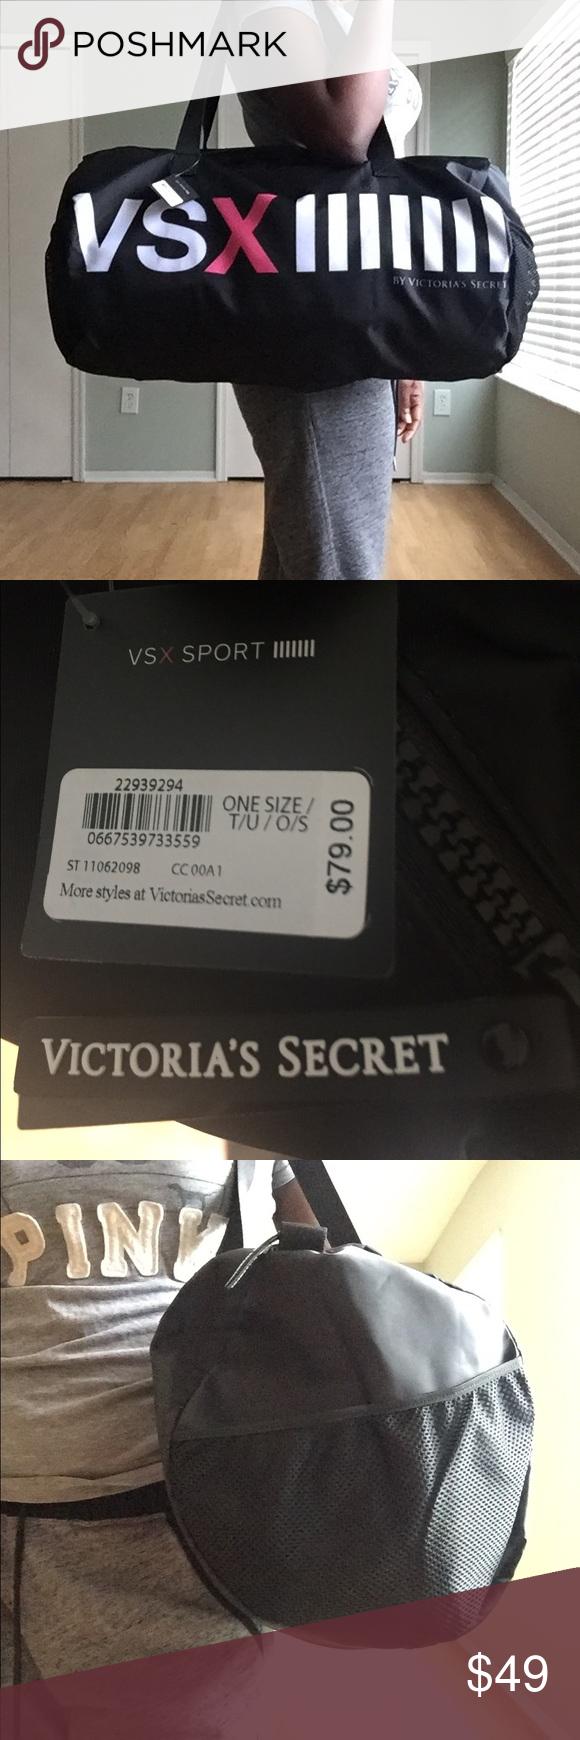 Victoria's Secret Sports Duffle Bag Large Black Sports Duffle Bag Victoria's Secret Bags Travel Bags